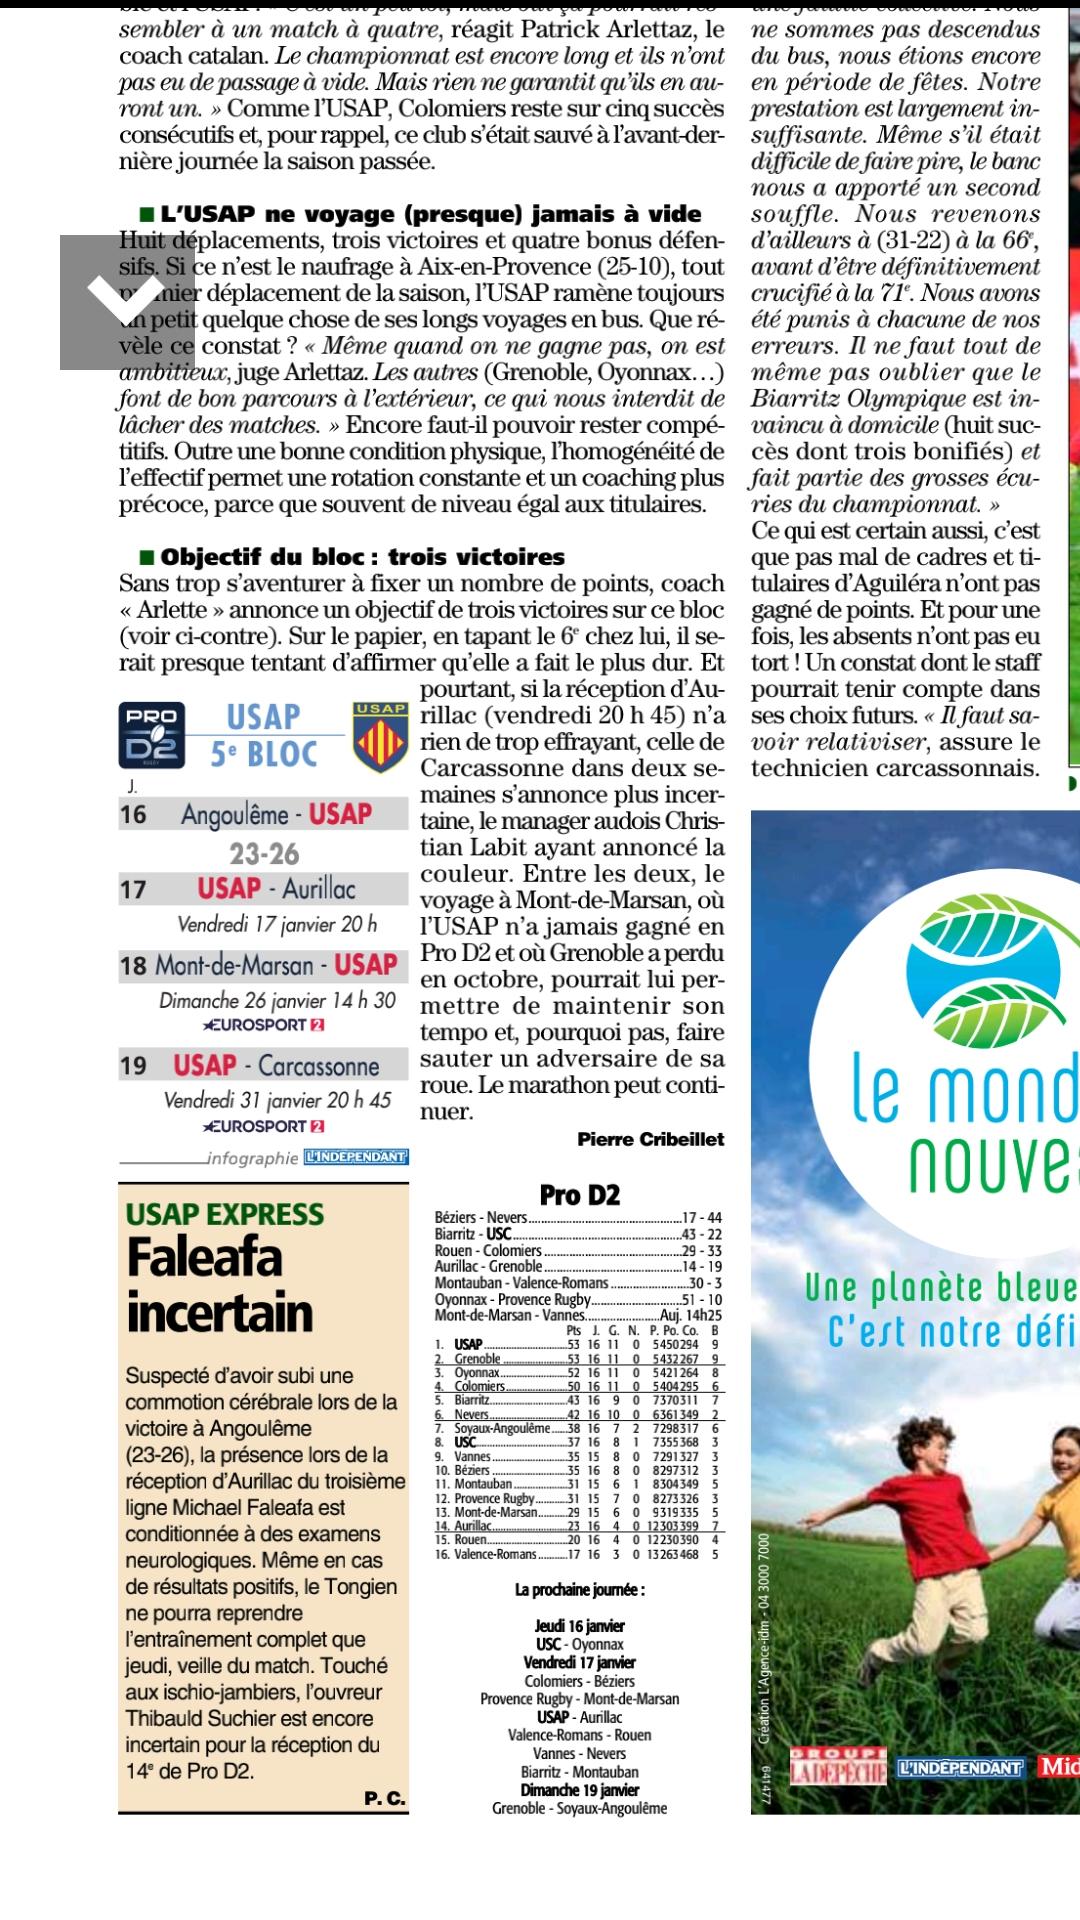 Screenshot_20200112-121438_SFR Presse.jpg